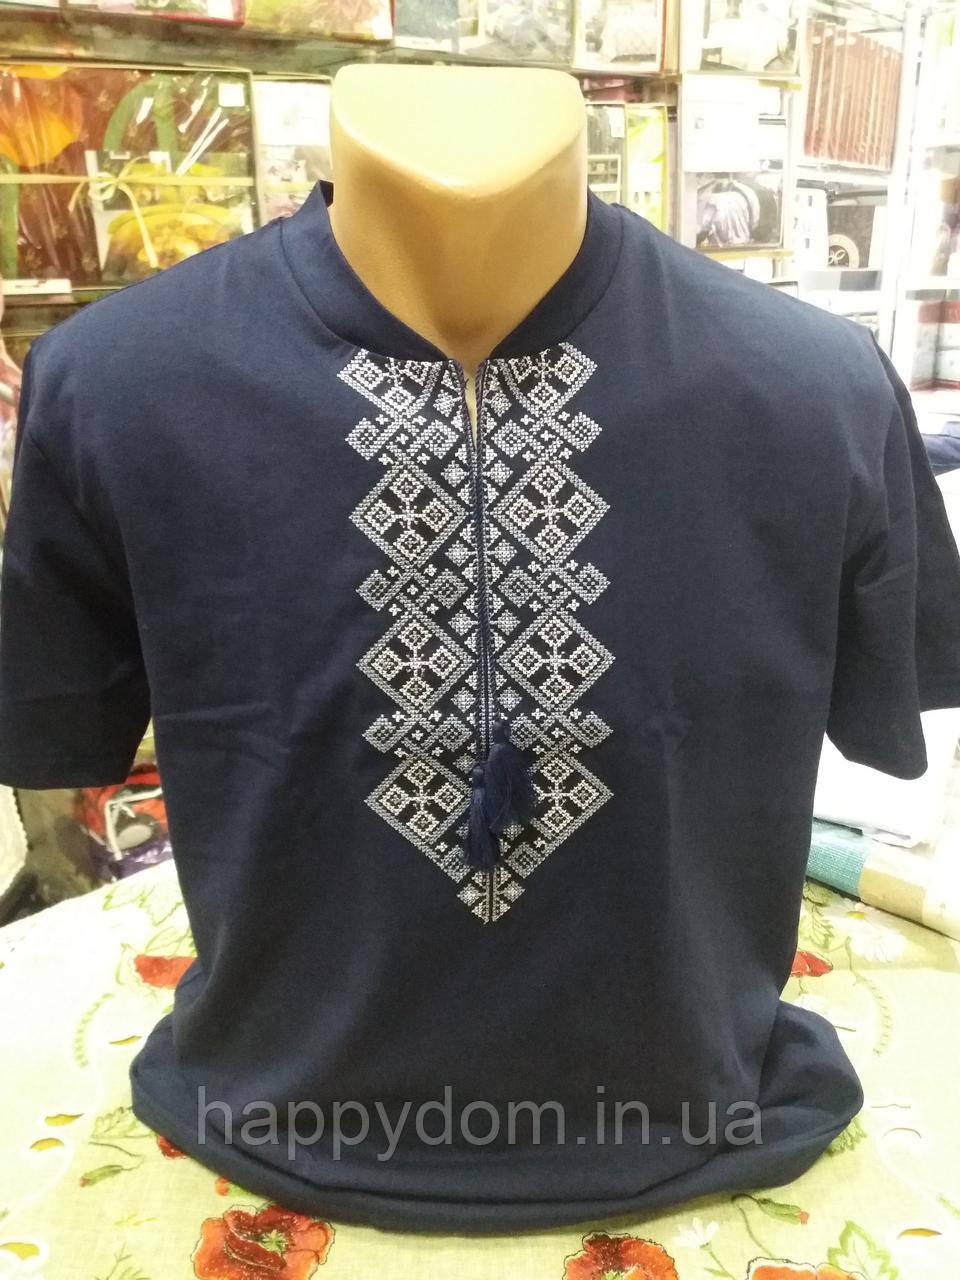 Вышиванка футболка мужская синяя